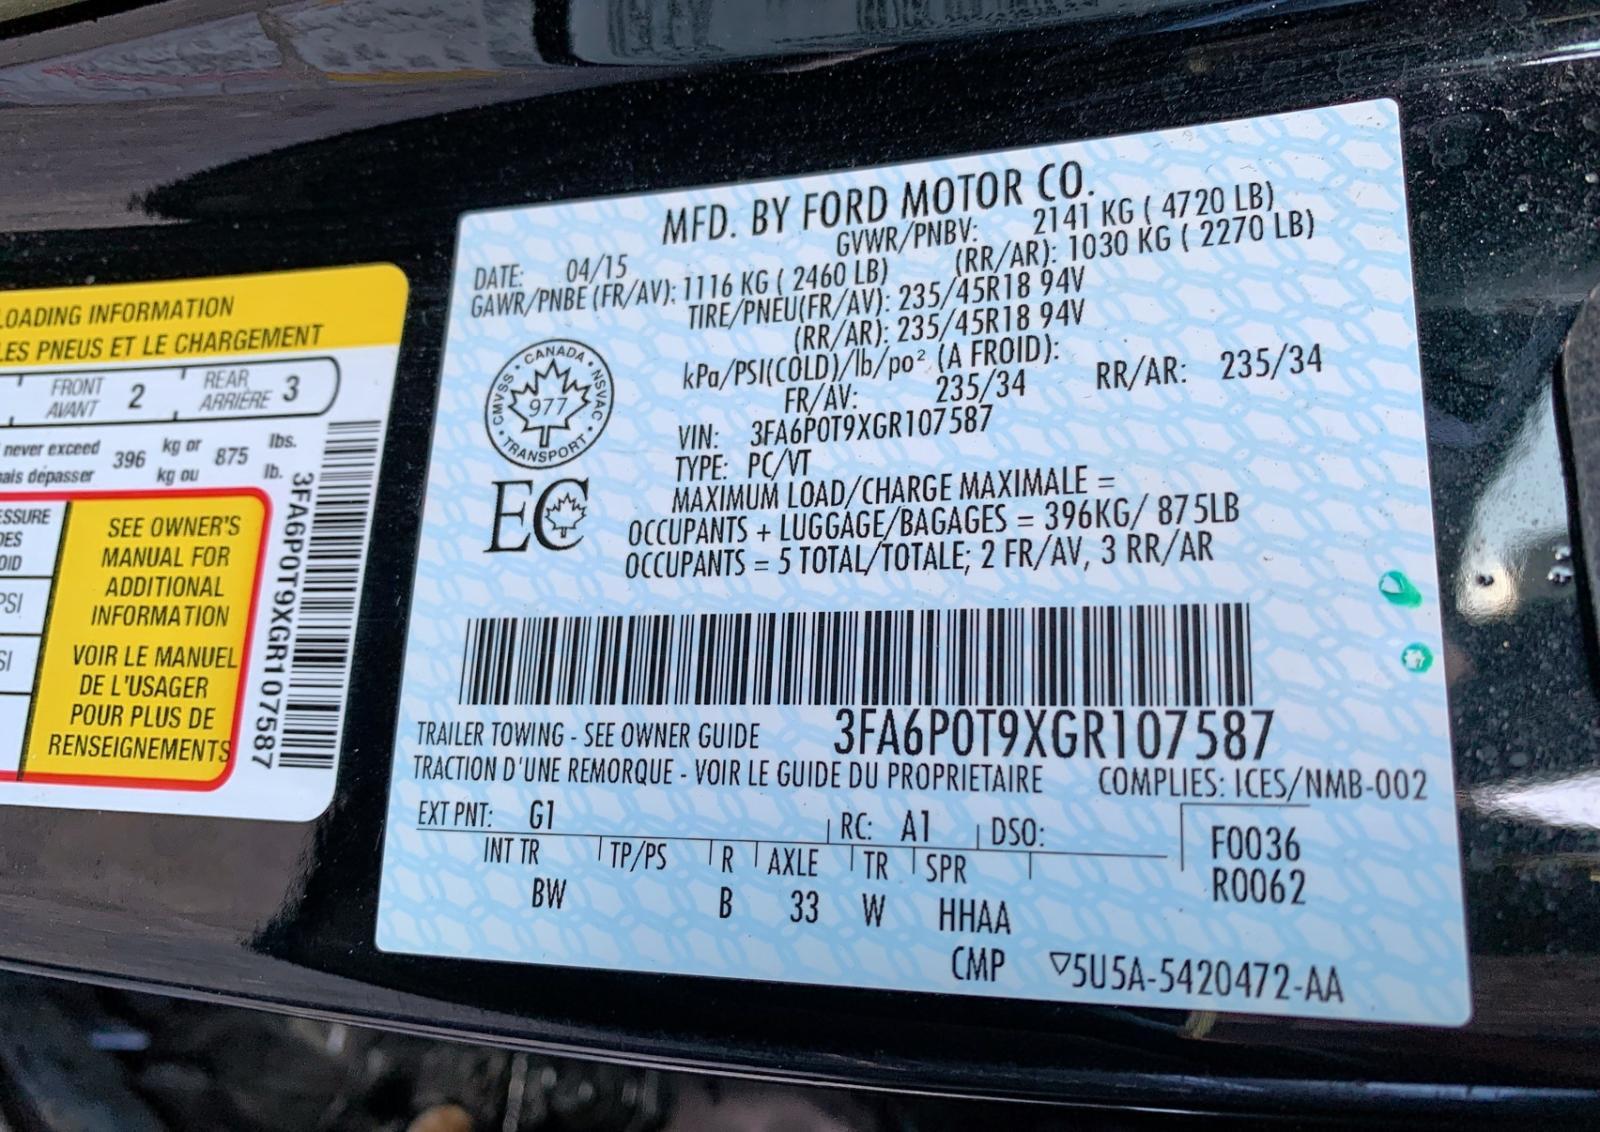 3FA6P0T9XGR107587 - 2016 Ford Fusion Se 2.0L